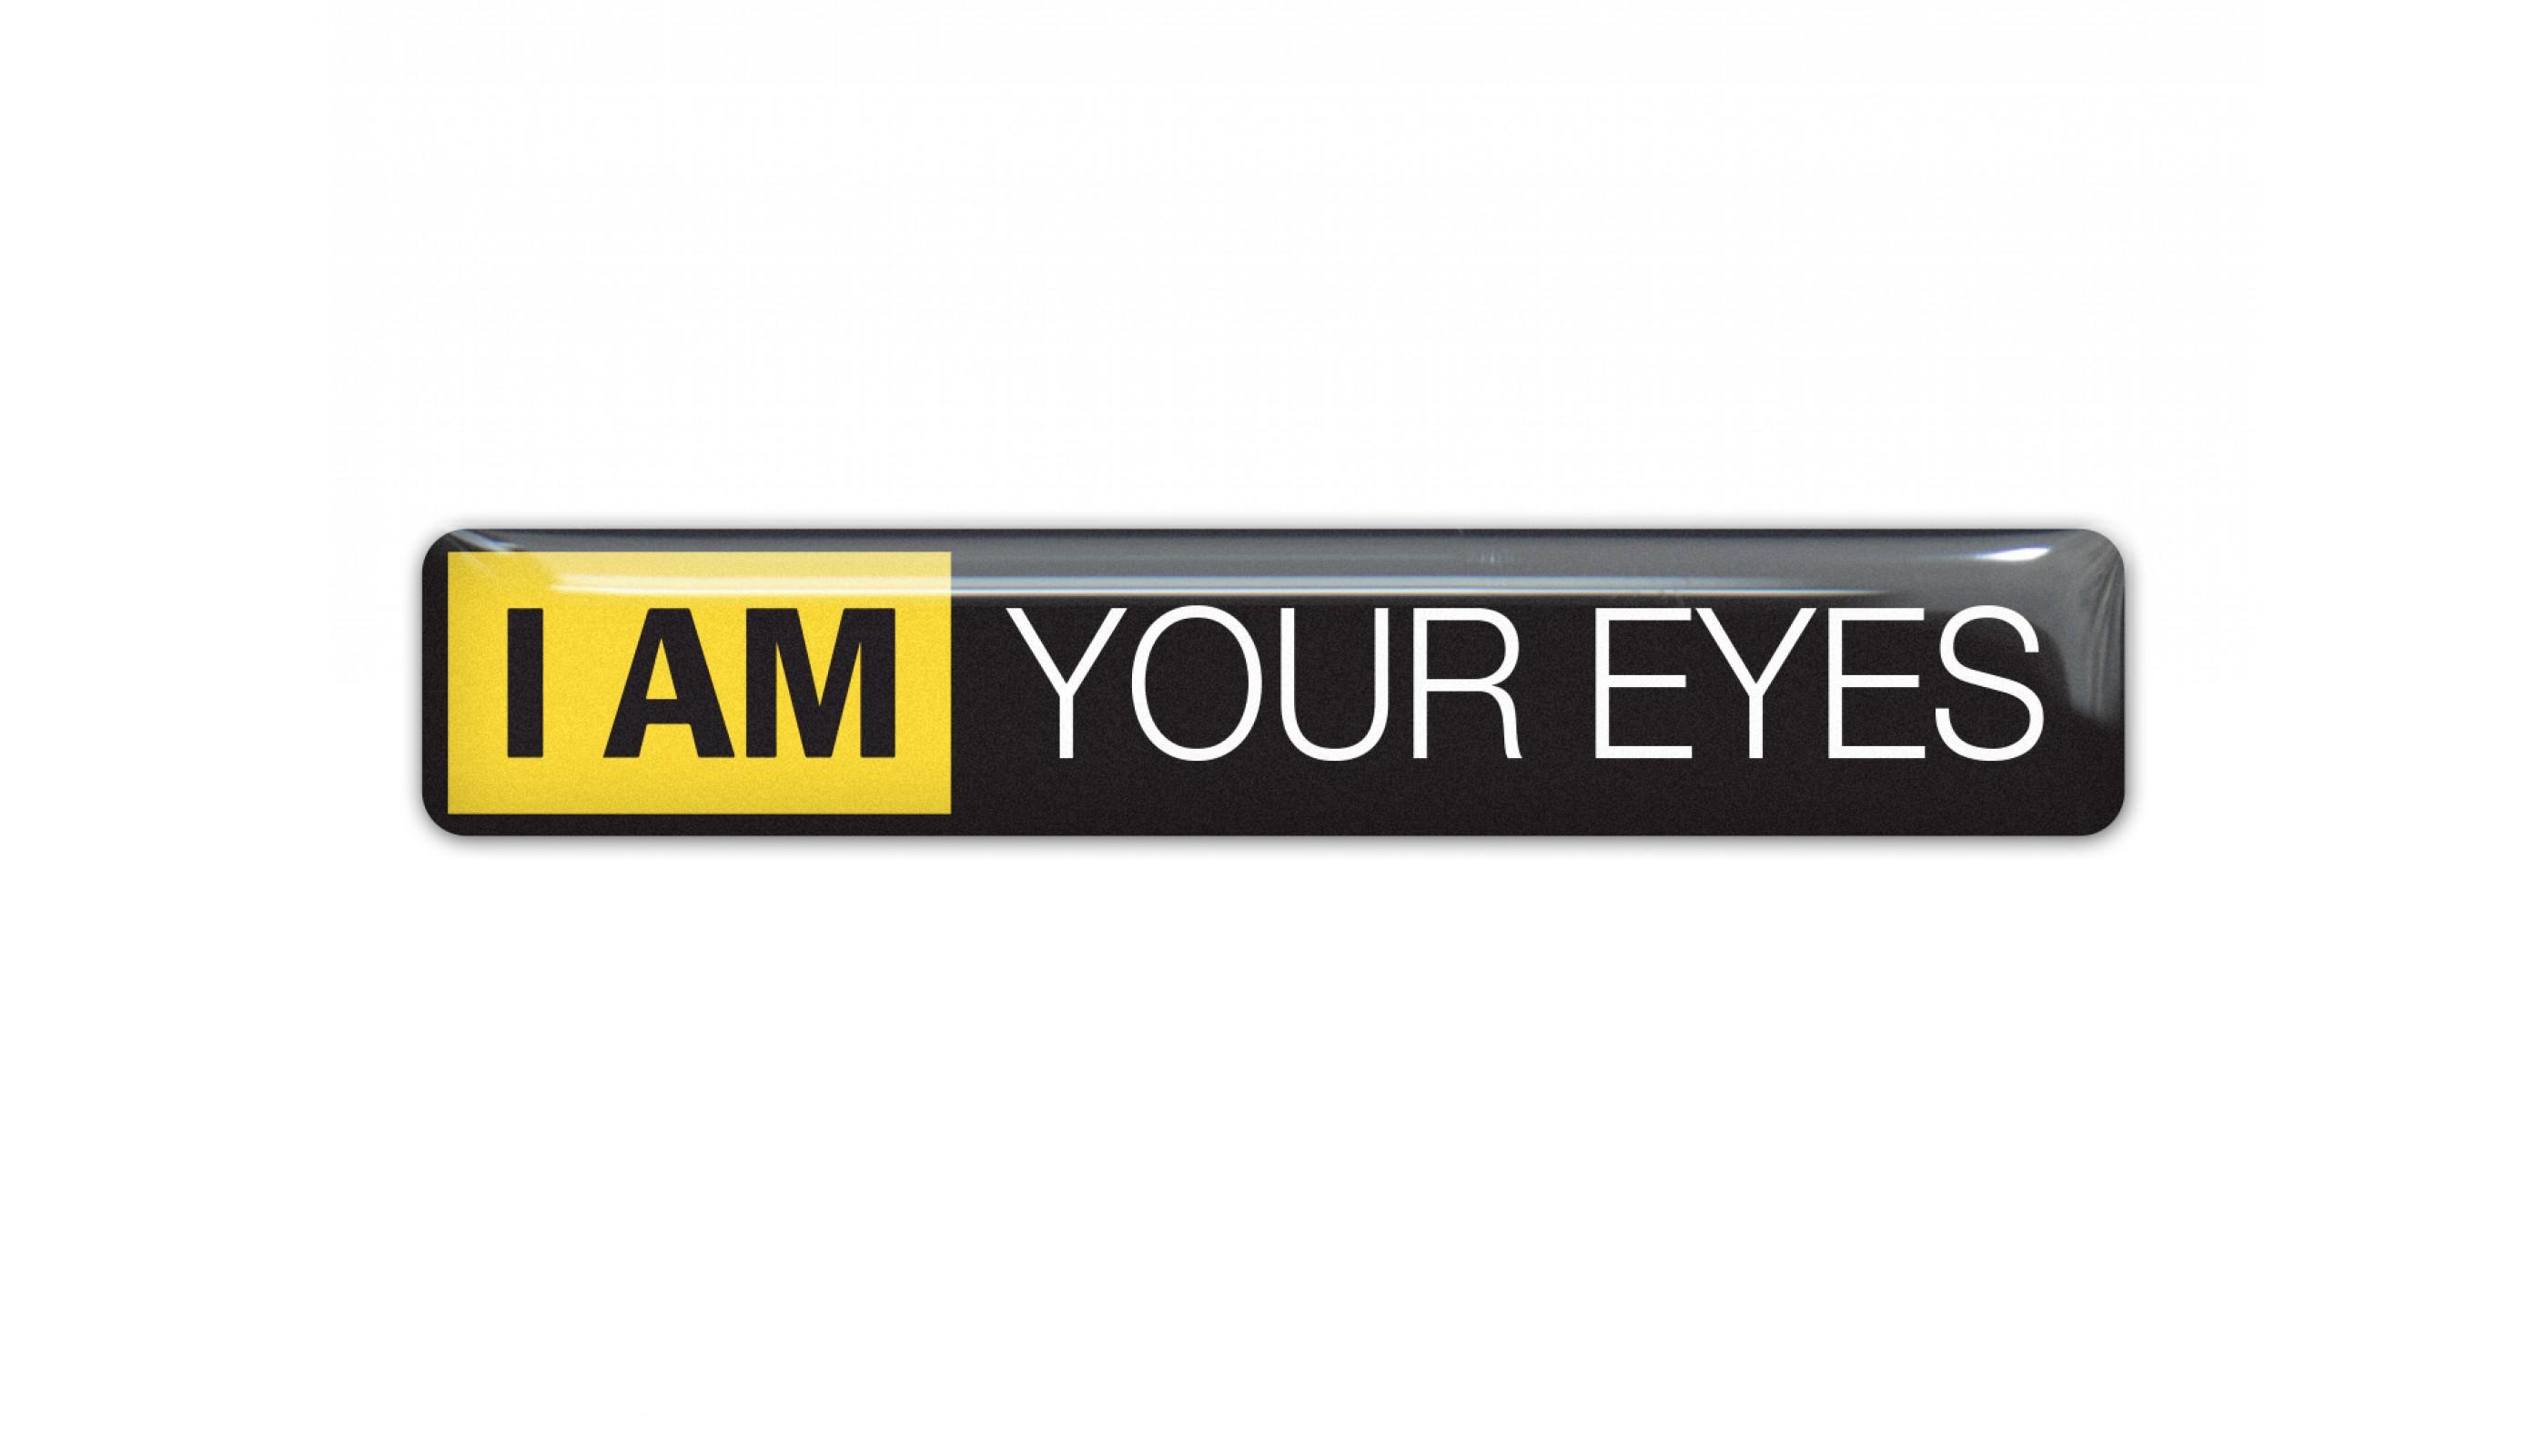 Nikon - Im Your Eyes